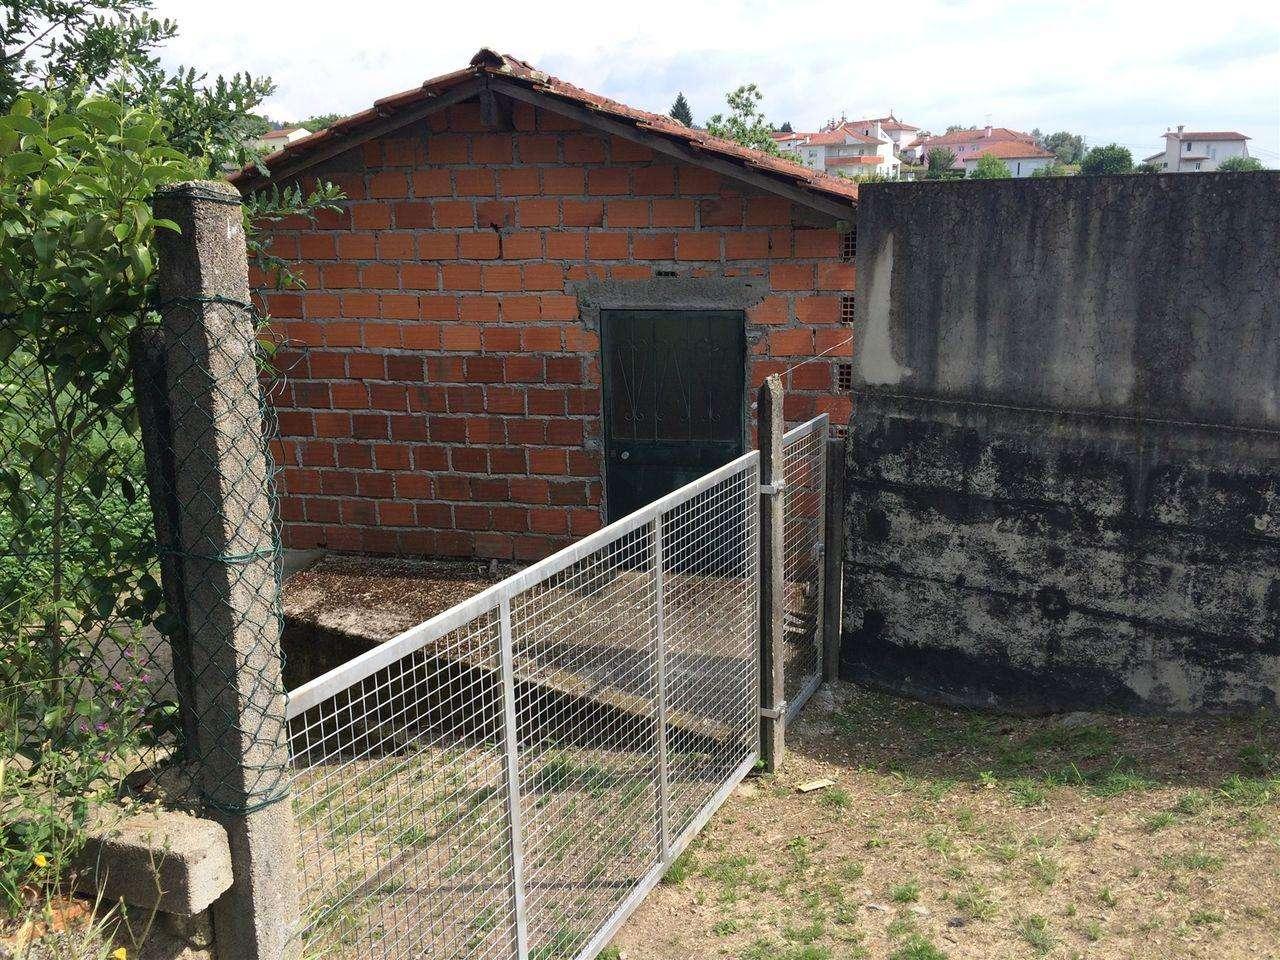 Terreno para comprar, Sande, Vilarinho, Barros e Gomide, Braga - Foto 4